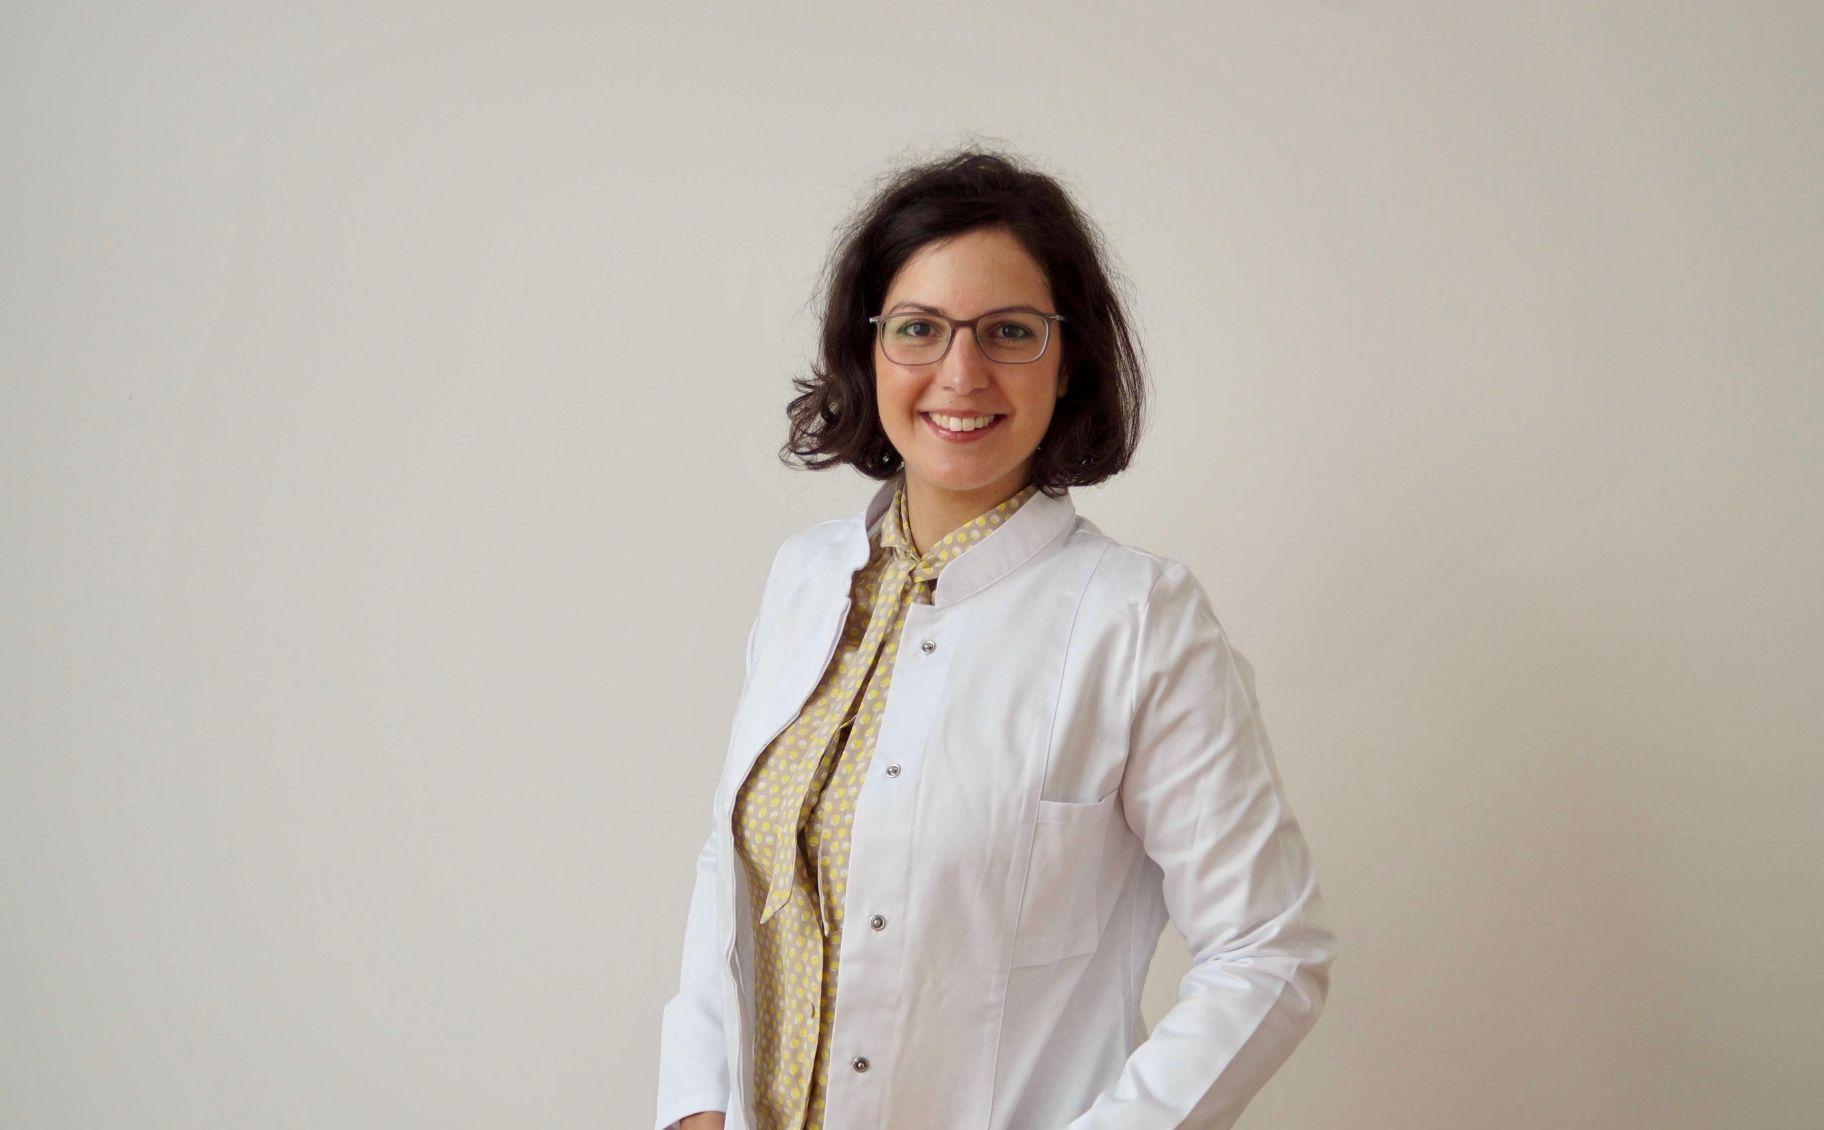 Reproduktionsmedizinerin und Kinderwunschärztin Dr. Schima Djalali-Pregartner